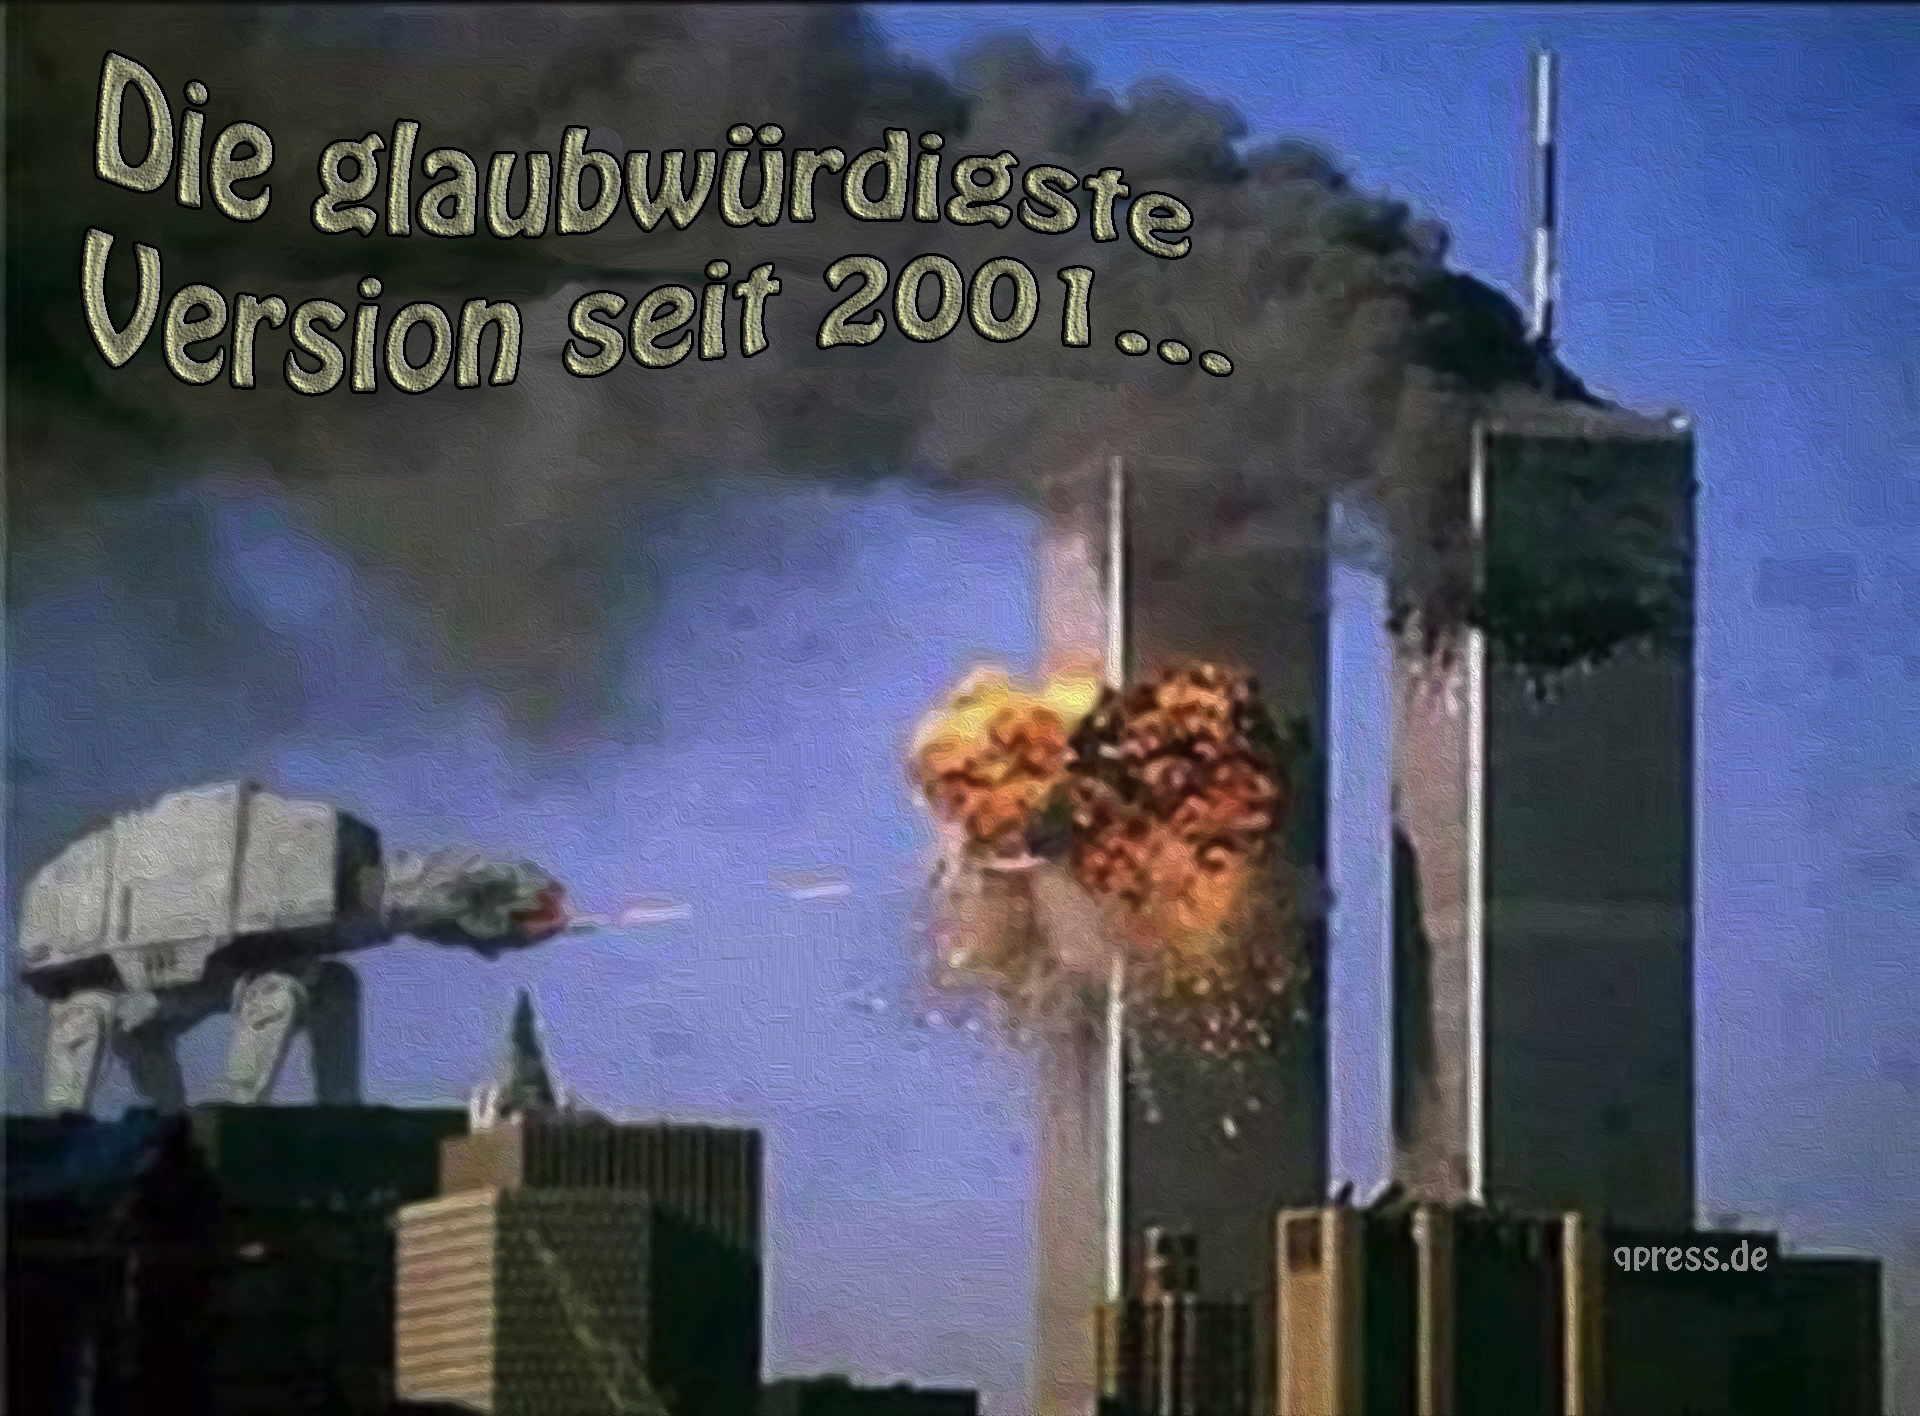 2001 die glaubwuerdigste Version seit 911 starwars Angriff der Aliens